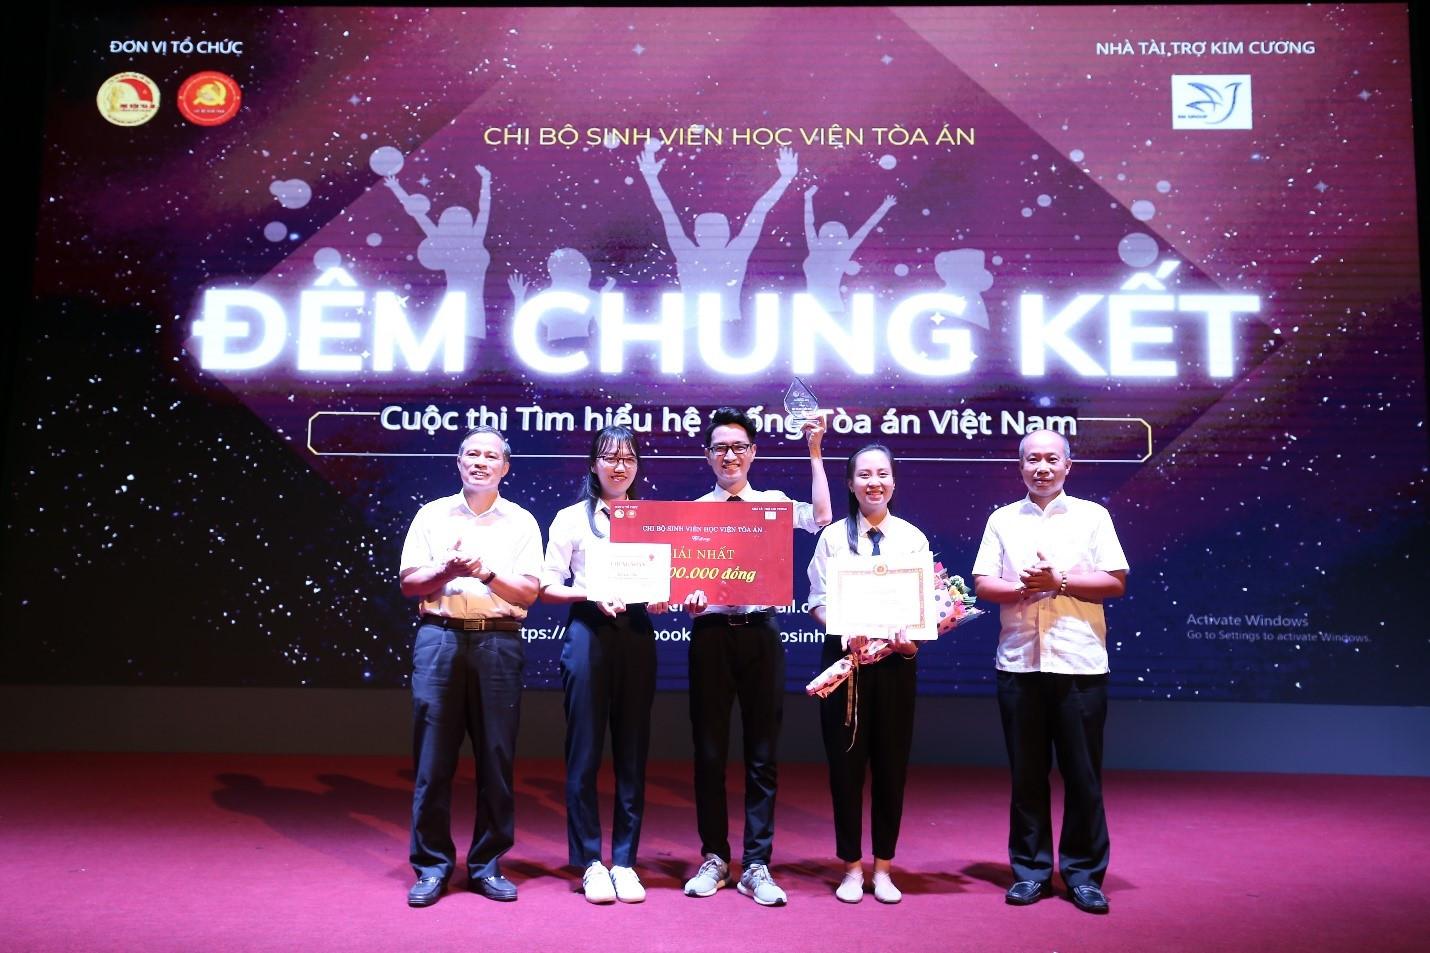 """Chung kết cuộc thi """"Tìm hiểu hệ thống Tòa án Việt Nam"""